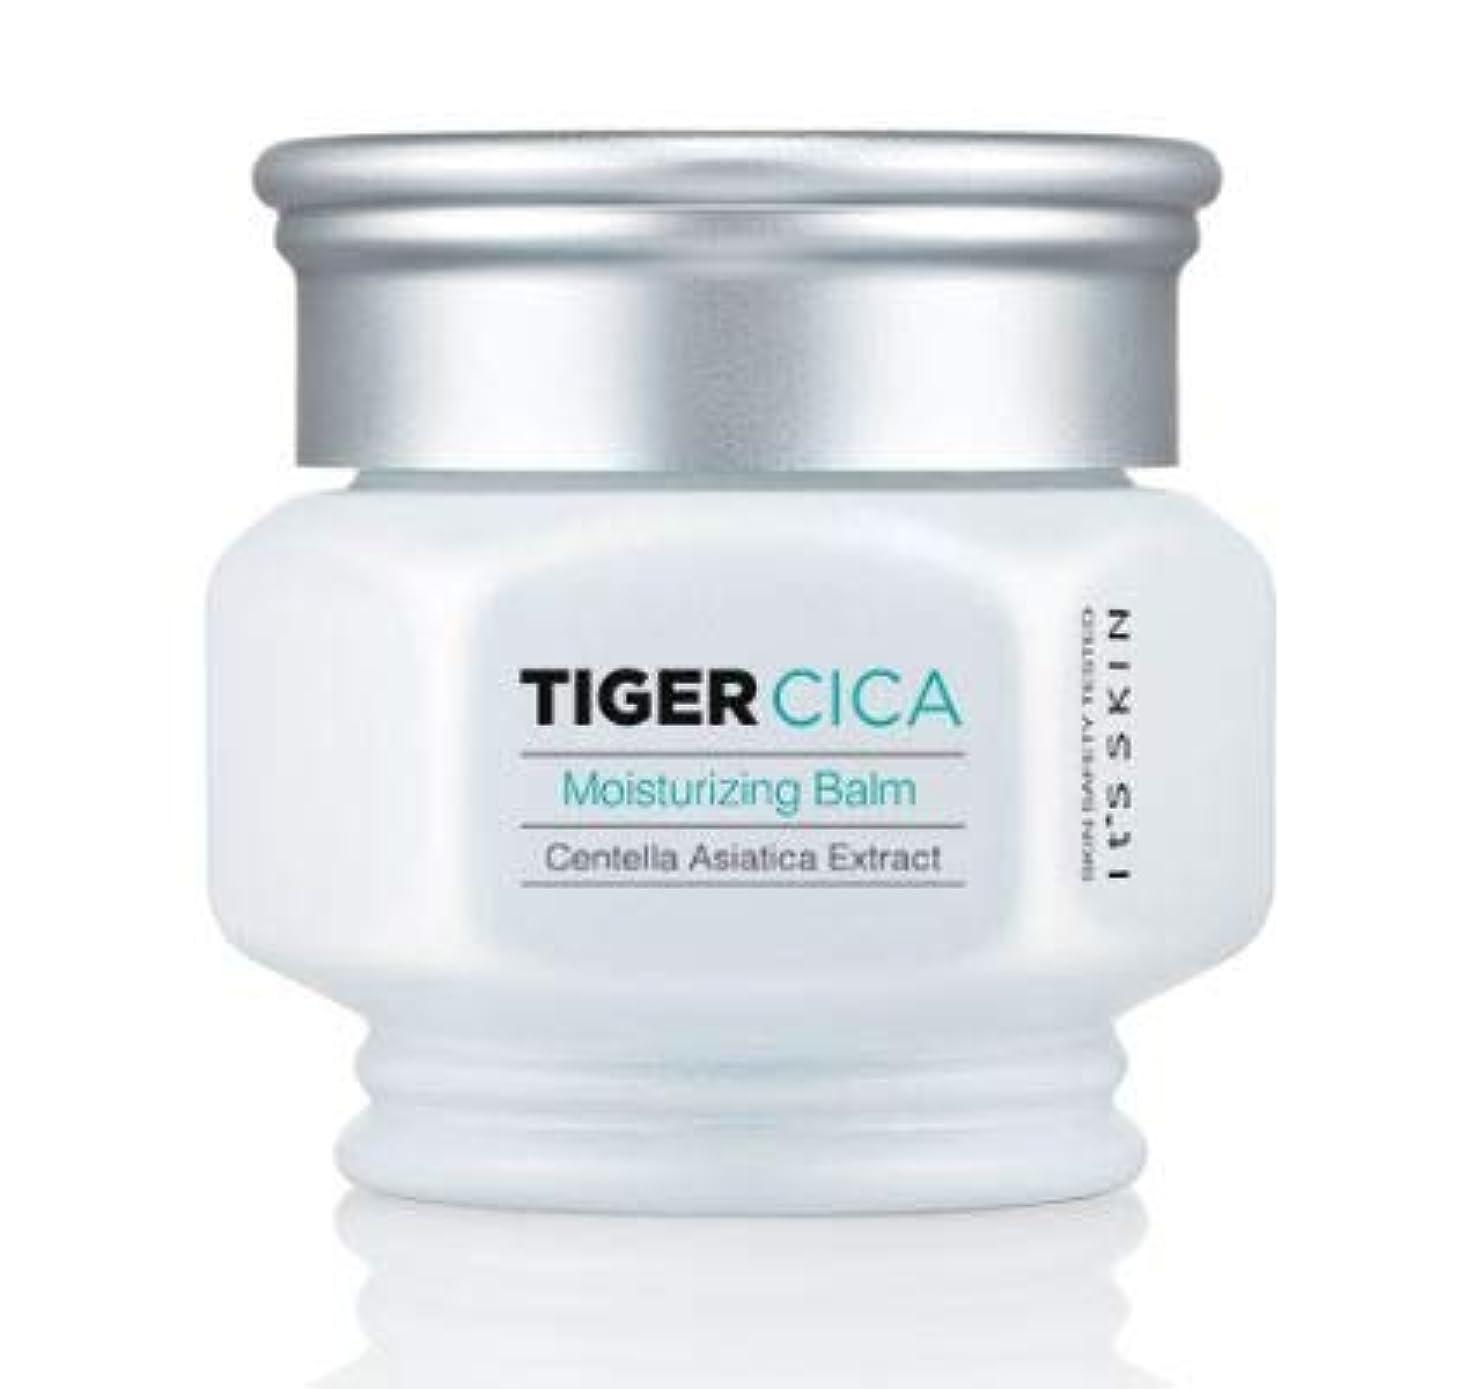 フルート見る人マニフェスト[It's Skin] Tiger Cica Moisturizing Balm 50ml /[イッツスキン] タイガーシカ モイスチャライジング バーム 50ml [並行輸入品]